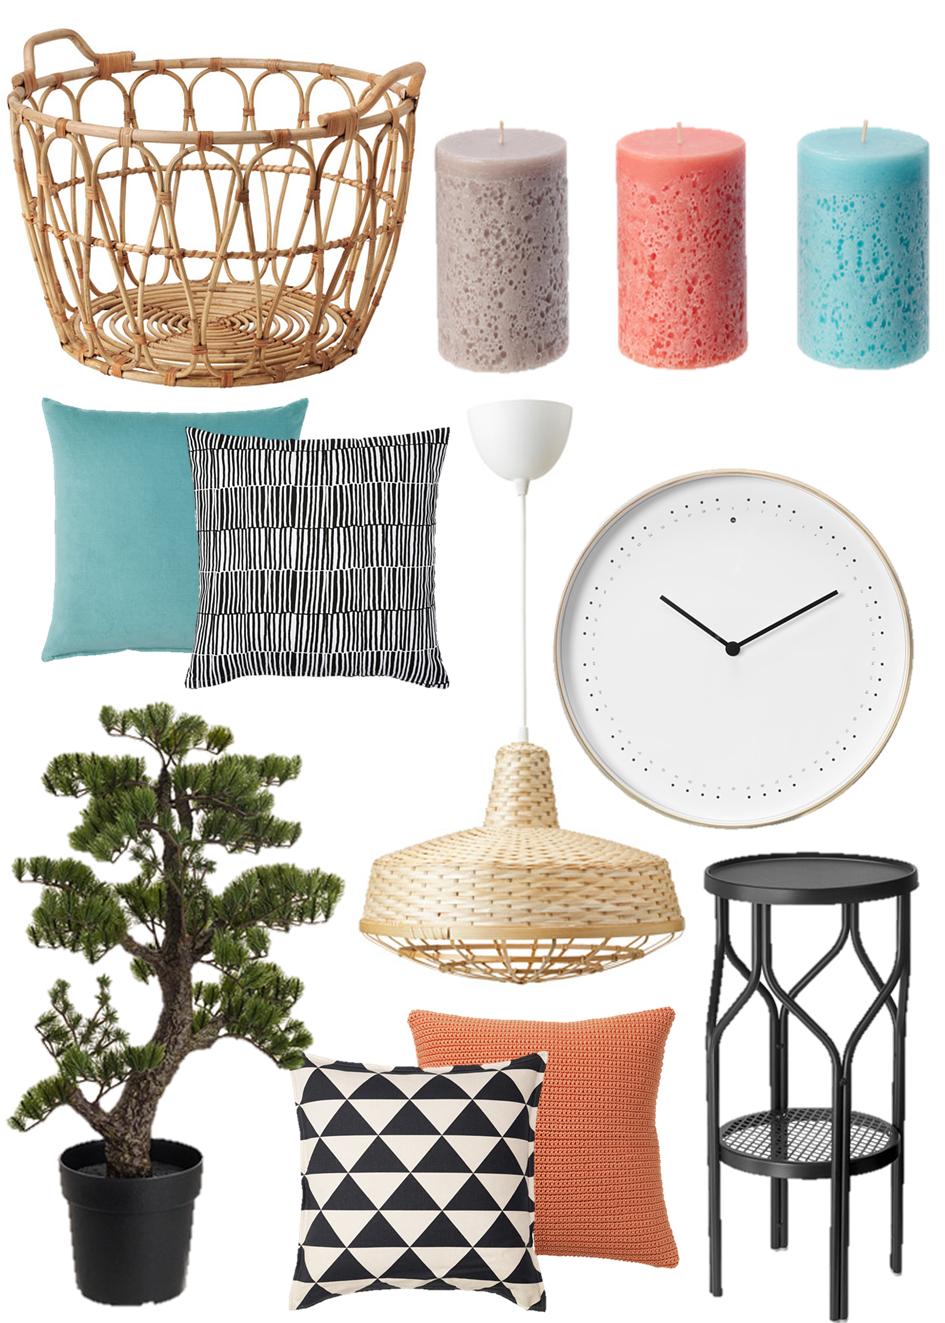 decoração; home decor; ikea; home; spring; summer; primavera; decoração de primavera;